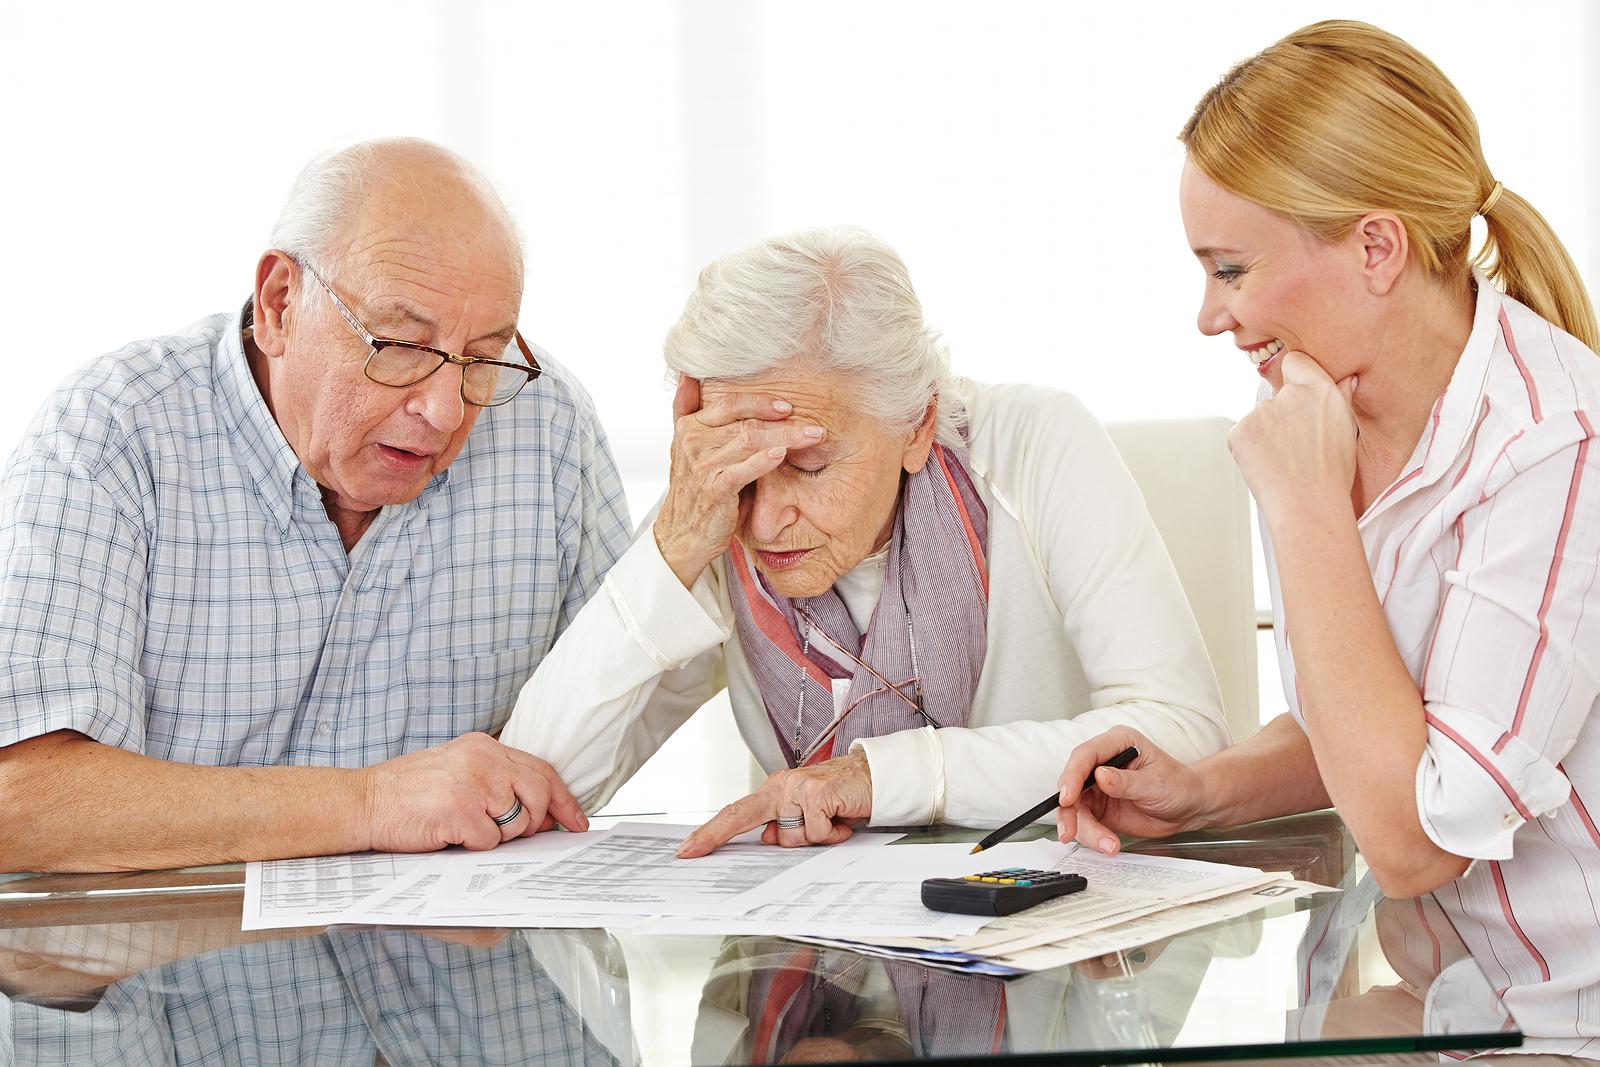 Пенсионный и предпенсионный возраст в 2021 налог на имущество лицам предпенсионного возраста